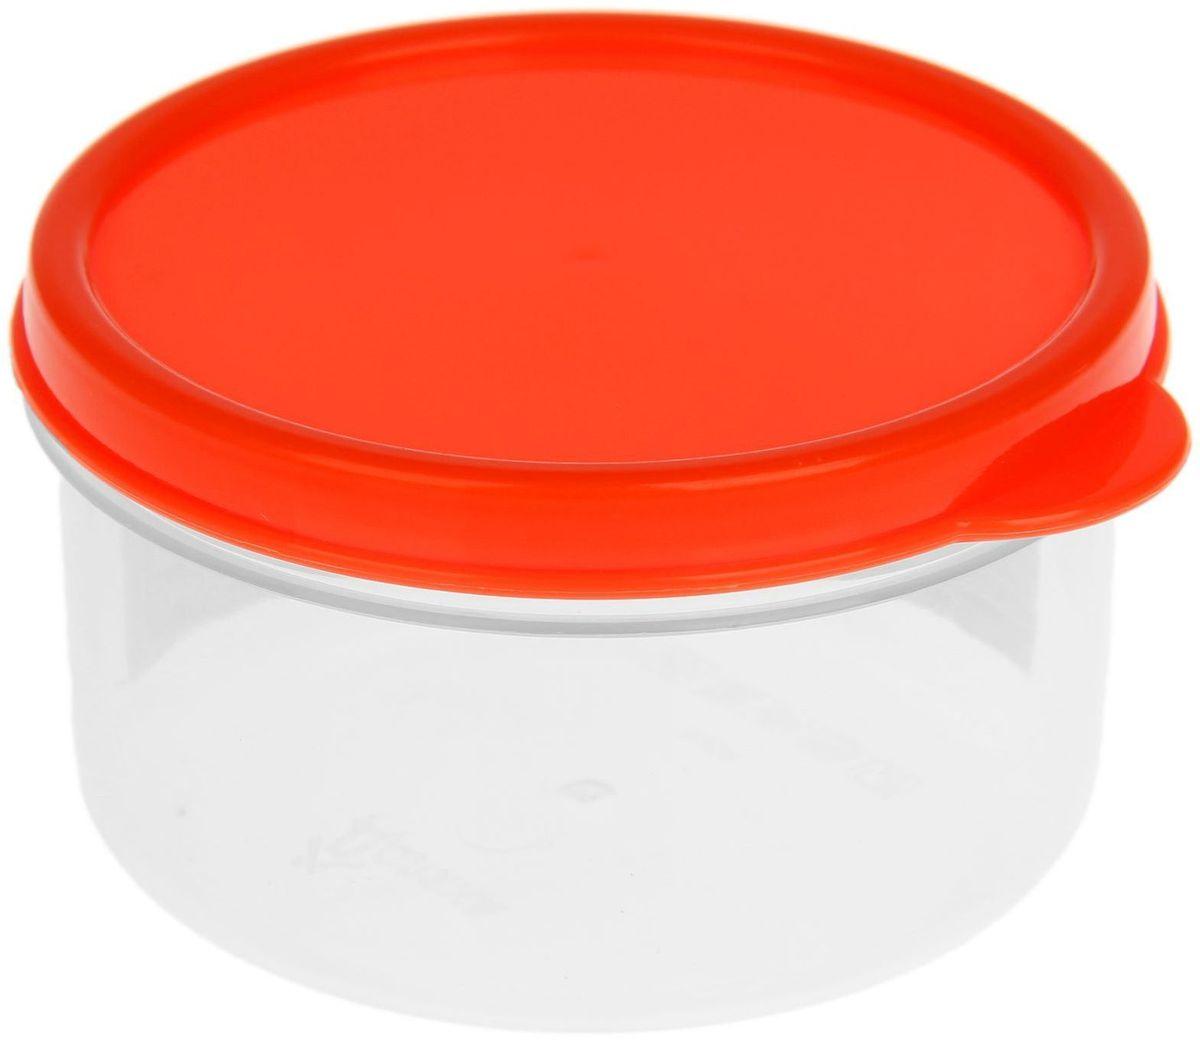 Контейнер пищевой Доляна, круглый, цвет: оранжевый, 150 мл1333814Если после вкусного обеда осталась еда, а насладиться трапезой хочется и на следующий день, ланч-бокс станет отличным решением данной проблемы!Такой контейнер является незаменимым предметом кухонной утвари, ведь у него много преимуществ:Простота ухода. Ланч-бокс достаточно промыть тёплой водой с небольшим количеством чистящего средства, и он снова готов к использованию.Вместительность. Большой выбор форм и объёма поможет разместить разнообразные продукты от сахара до супов.Эргономичность. Ланч-боксы очень легко хранить даже в самой маленькой кухне, так как их можно поставить один в другой по принципу матрёшки.Многофункциональность. Разнообразие цветов и форм делает возможным использование контейнеров не только на кухне, но и в других областях домашнего быта.Любители приготовления обеда на всю семью в большинстве случаев приобретают ланч-боксы наборами, так как это позволяет рассортировать продукты по всевозможным признакам. К тому же контейнеры среднего размера станут незаменимыми помощниками на работе: ведь что может быть приятнее, чем порадовать себя во время обеда прекрасной едой, заботливо сохранённой в контейнере?В качестве материала для изготовления используется пластик, что делает процесс ухода за контейнером ещё более эффективным. К каждому ланч-боксу в комплекте также прилагается крышка подходящего размера, это позволяет плотно и надёжно удерживать запах еды и упрощает процесс транспортировки.Однако рекомендуется соблюдать и меры предосторожности: не использовать пластиковые контейнеры в духовых шкафах и на открытом огне, а также не разогревать в микроволновых печах при закрытой крышке ланч-бокса. Соблюдение мер безопасности позволит продлить срок эксплуатации и сохранить отличный внешний вид изделия.Эргономичный дизайн и многофункциональность таких контейнеров — вот, что является причиной большой популярности данного предмета у каждой хозяйки. А в преддверии лета и дачного сезона такое приобр